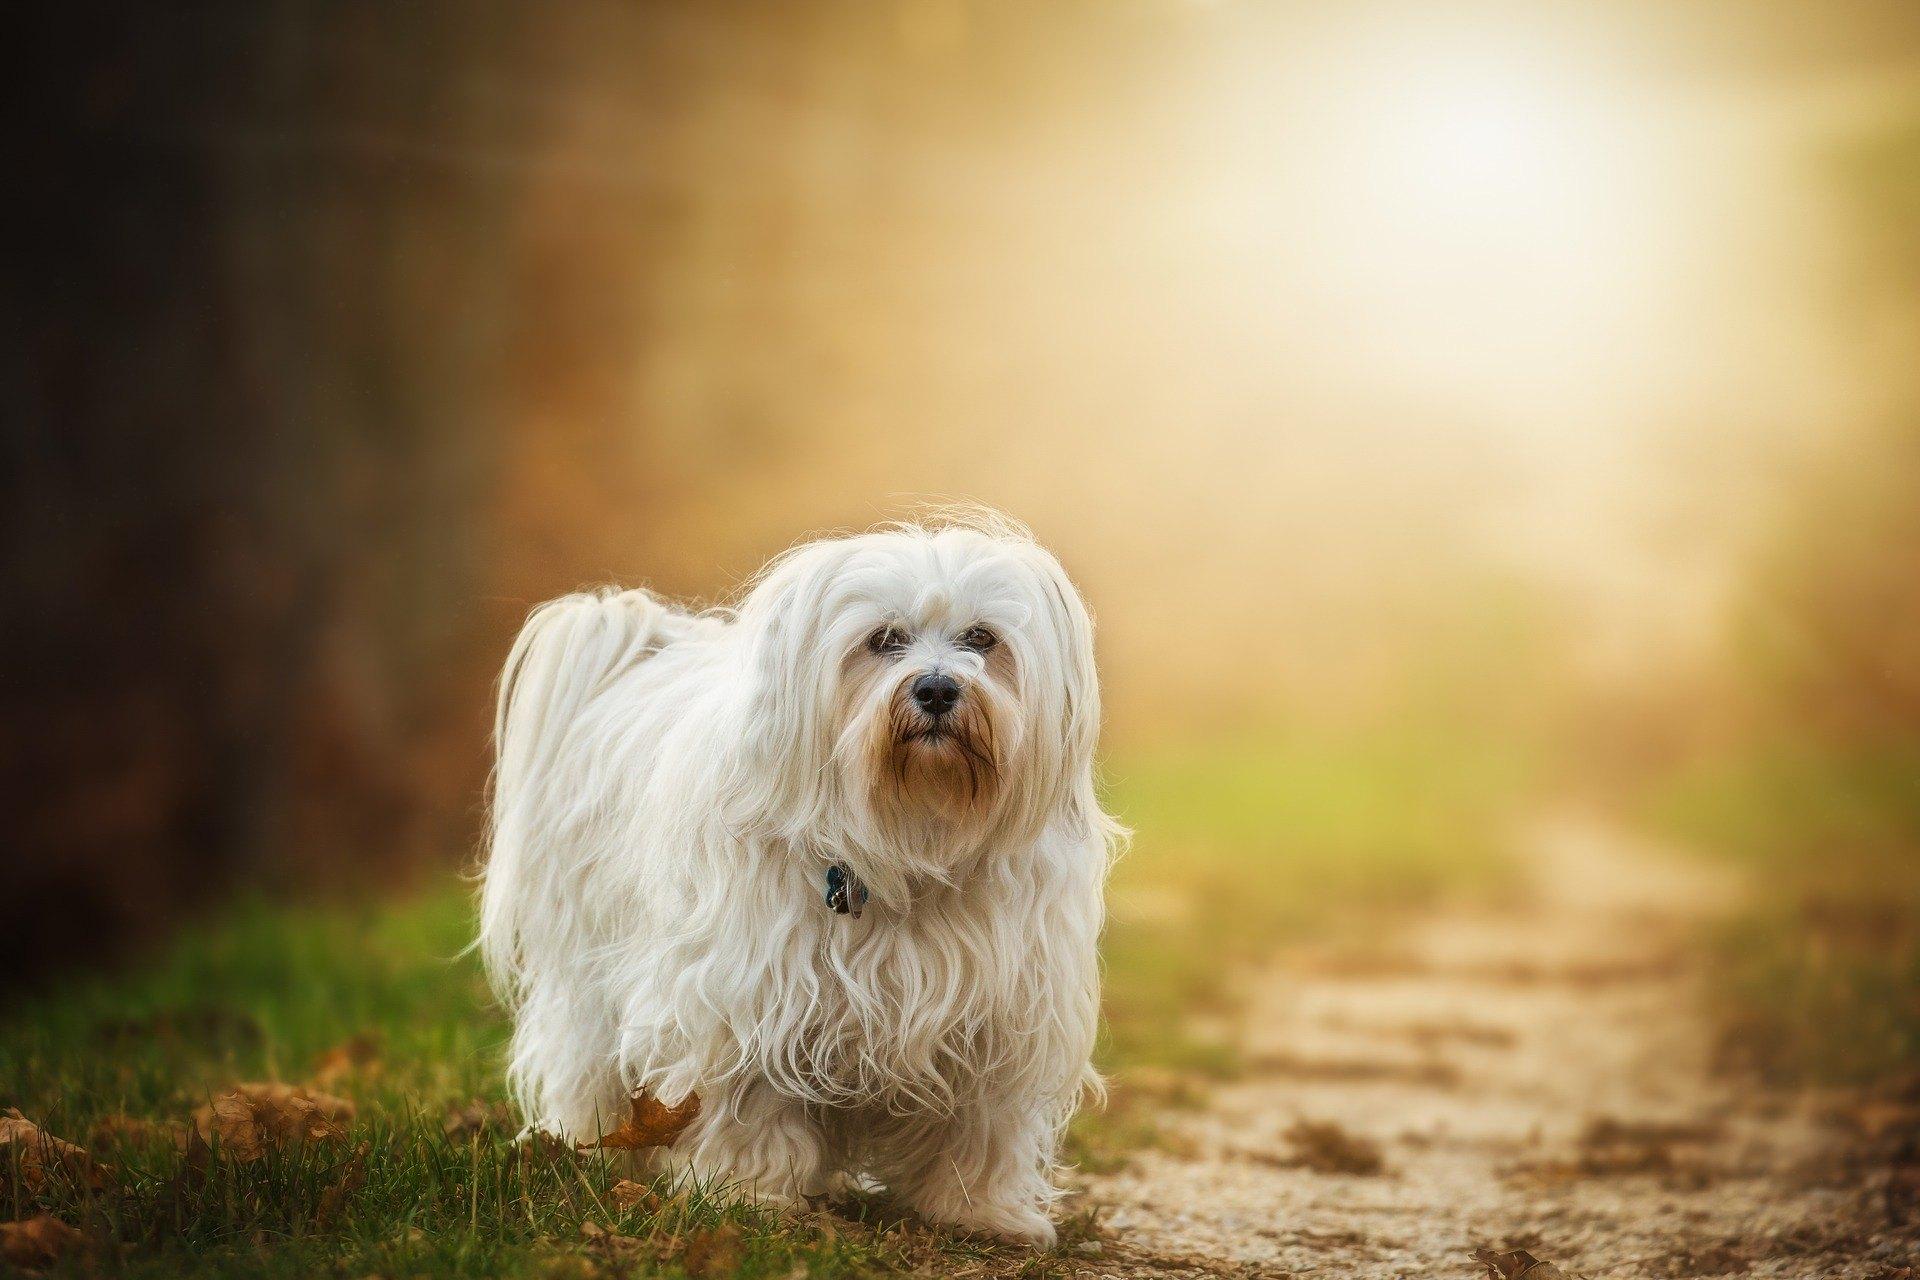 Havaneský psík je společenský pes. Je nesmírně přítulný, soucitný, veselý a energický a velmi rád si hraje.